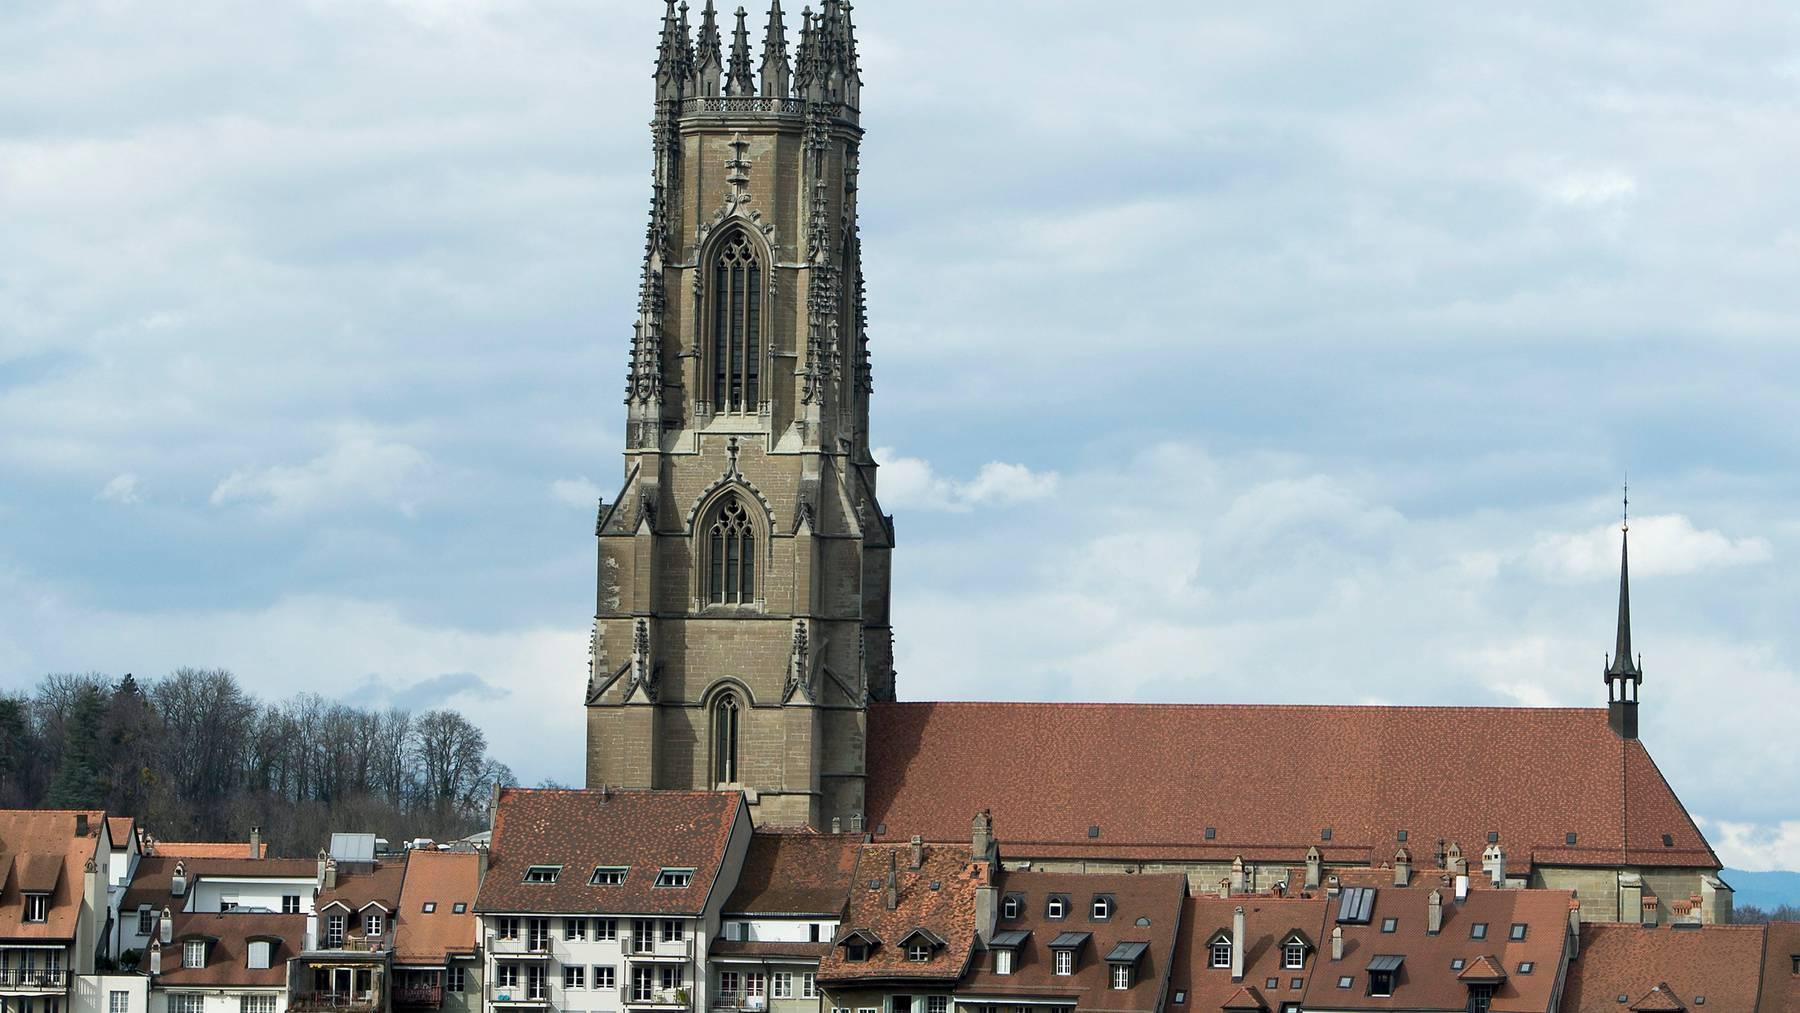 In der Freiburger Kathedrale hat der Angeschuldigte bis am Dienstag als Pfarrer gewirkt.